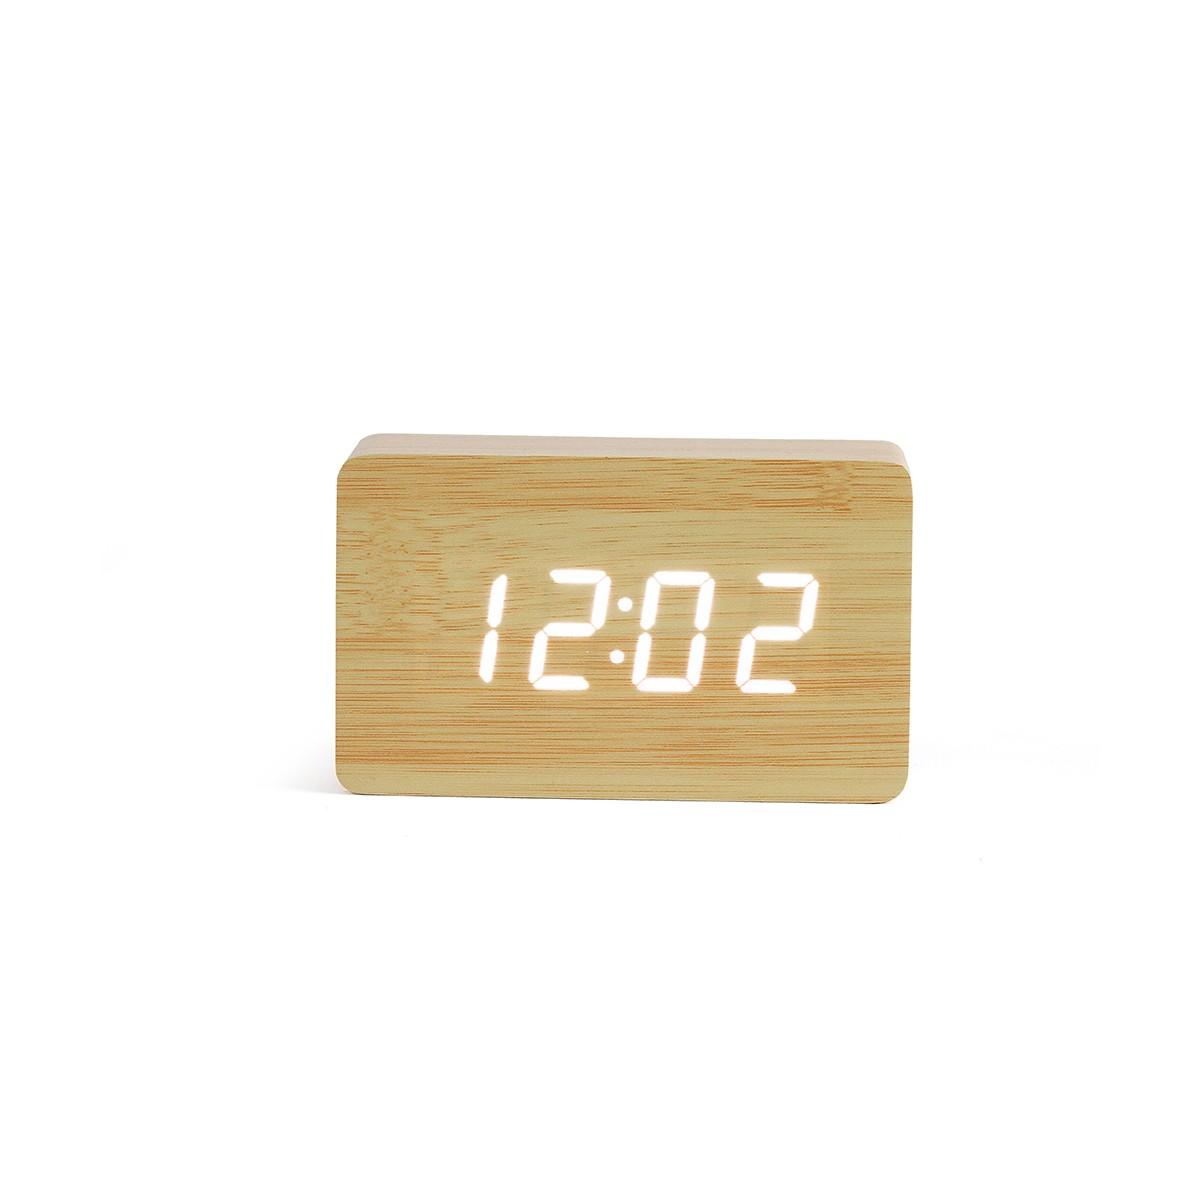 Horloge digitale aspect bois clair en plastique beige